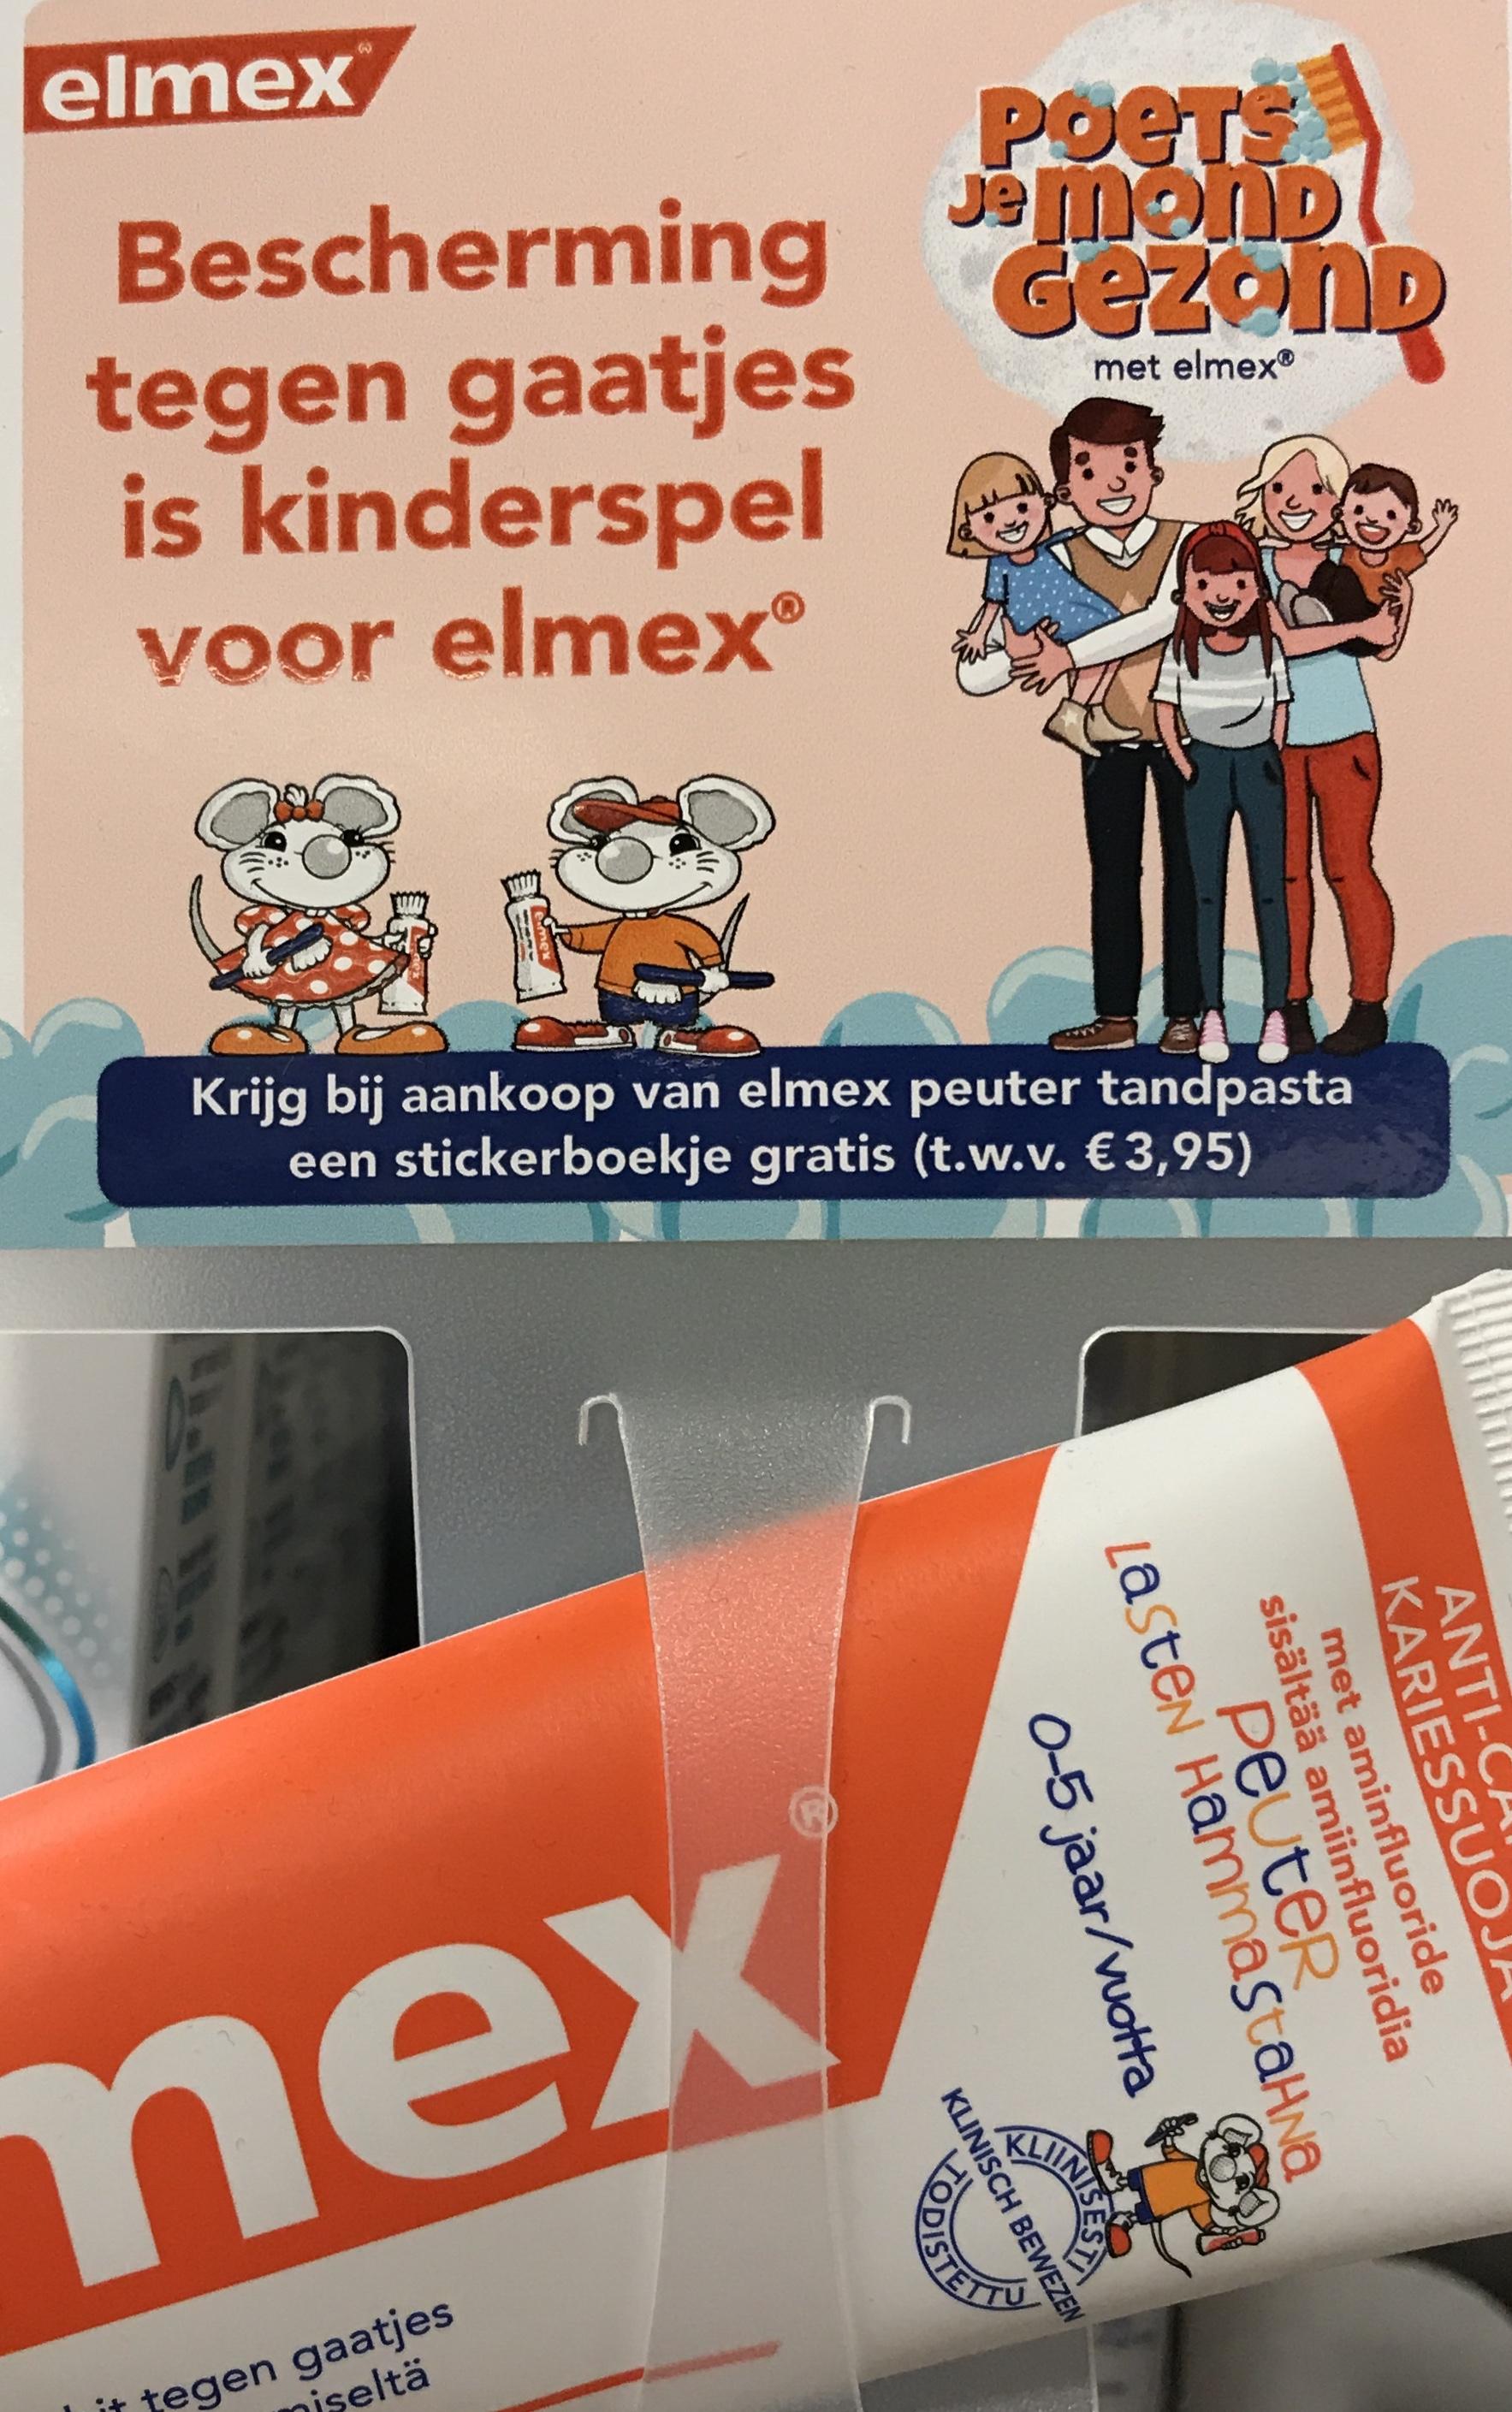 Gratis stickerboekje twv €3.95 bij aankoop Elmex Peuter Tandpasta